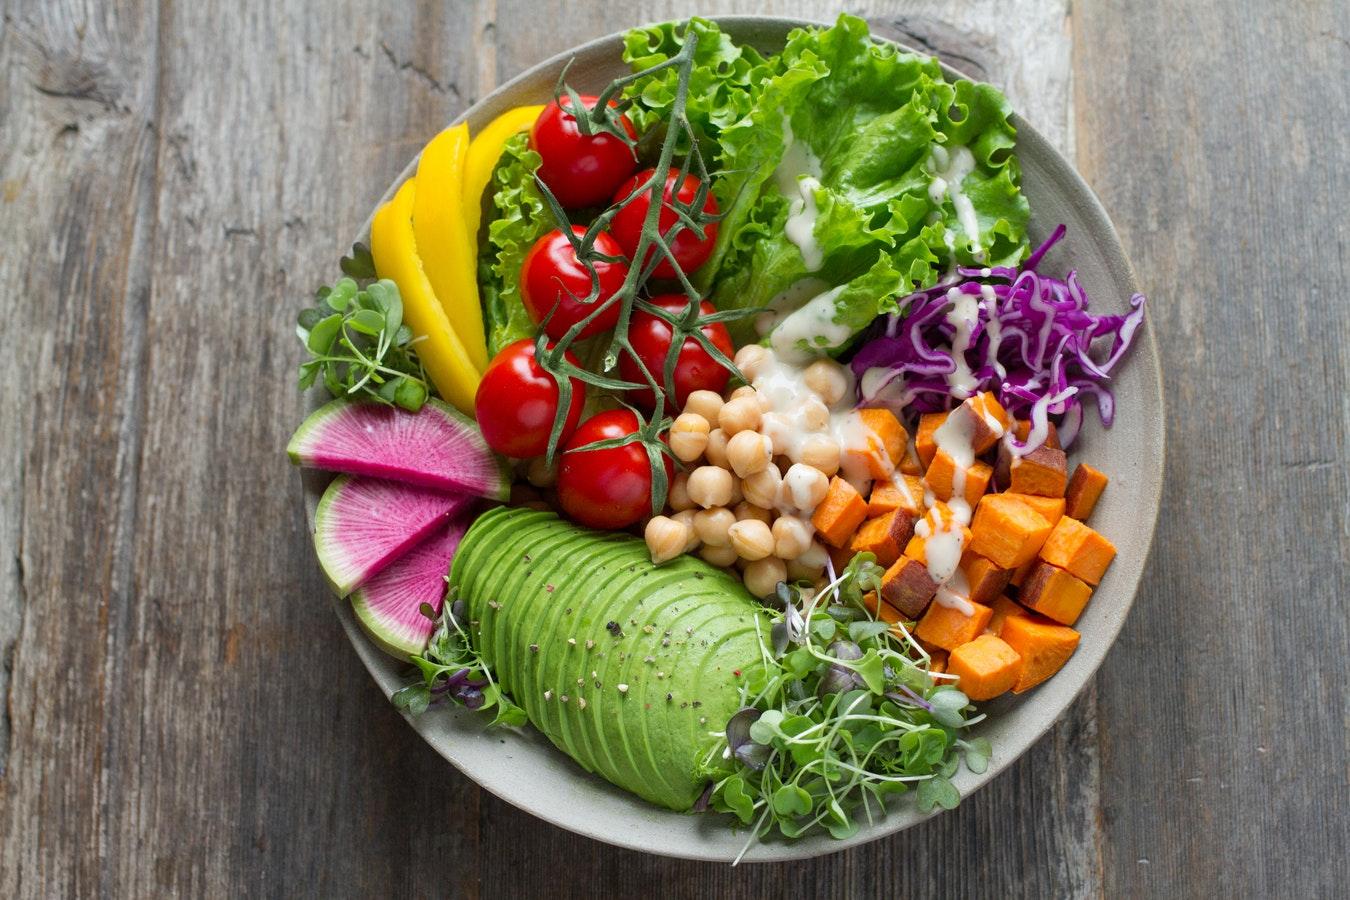 انجام رژیم های غذایی بعد از انجام عمل های لاغری امری ضروری است